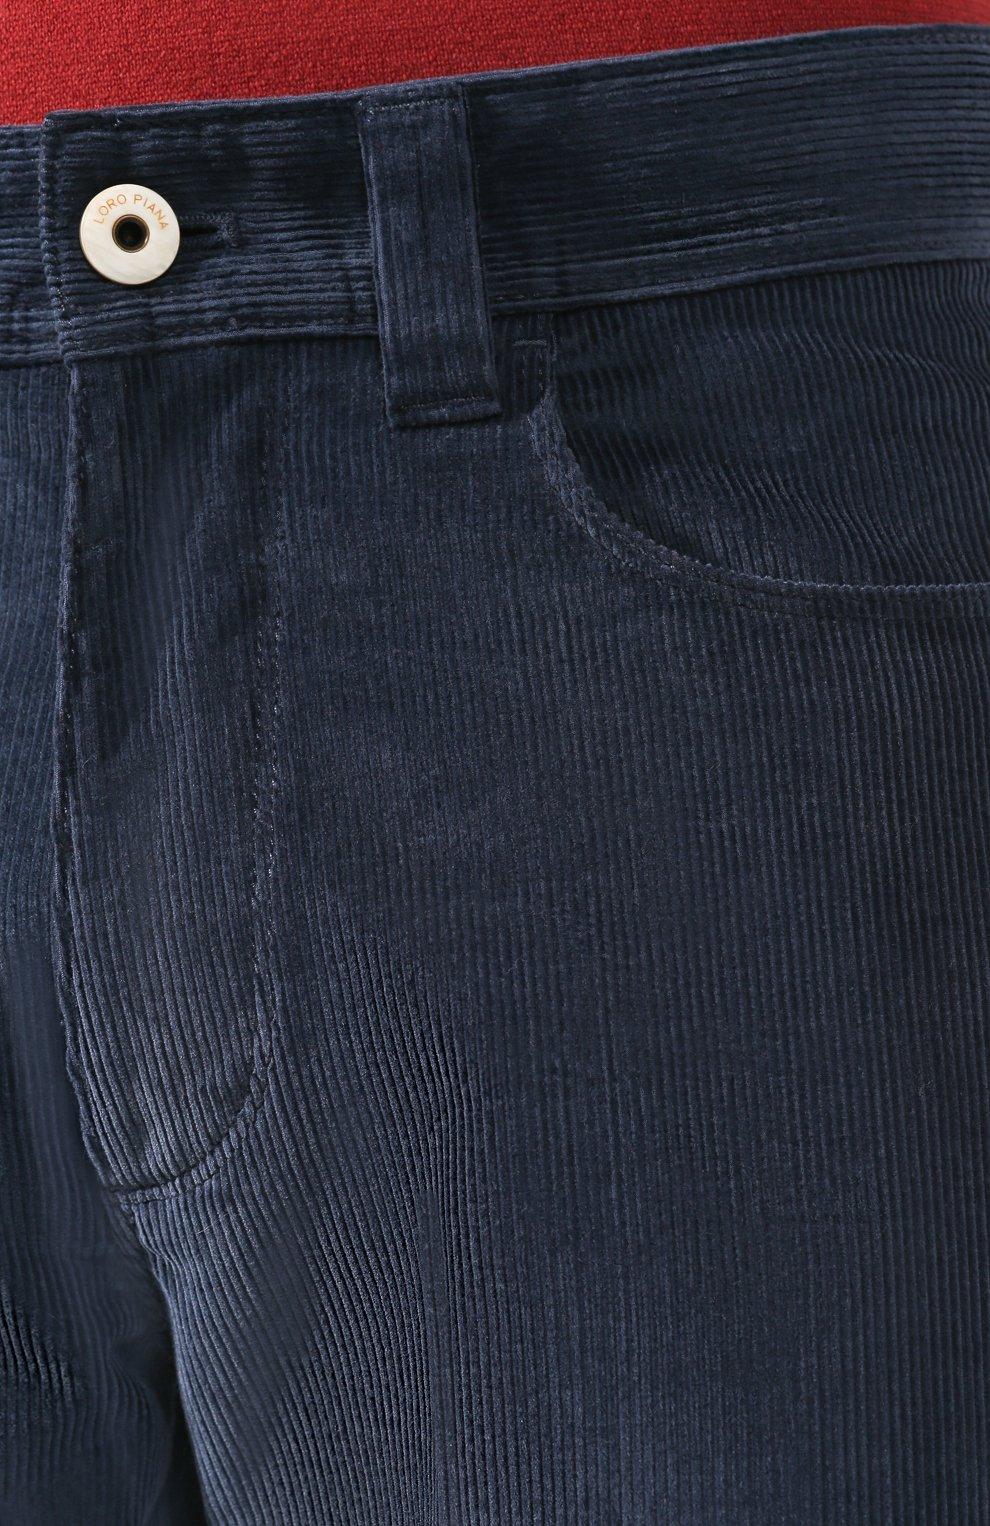 Мужские брюки Armani Collezioni купить в интернет-магазине ЦУМ - товар  распродан 80610ed7479